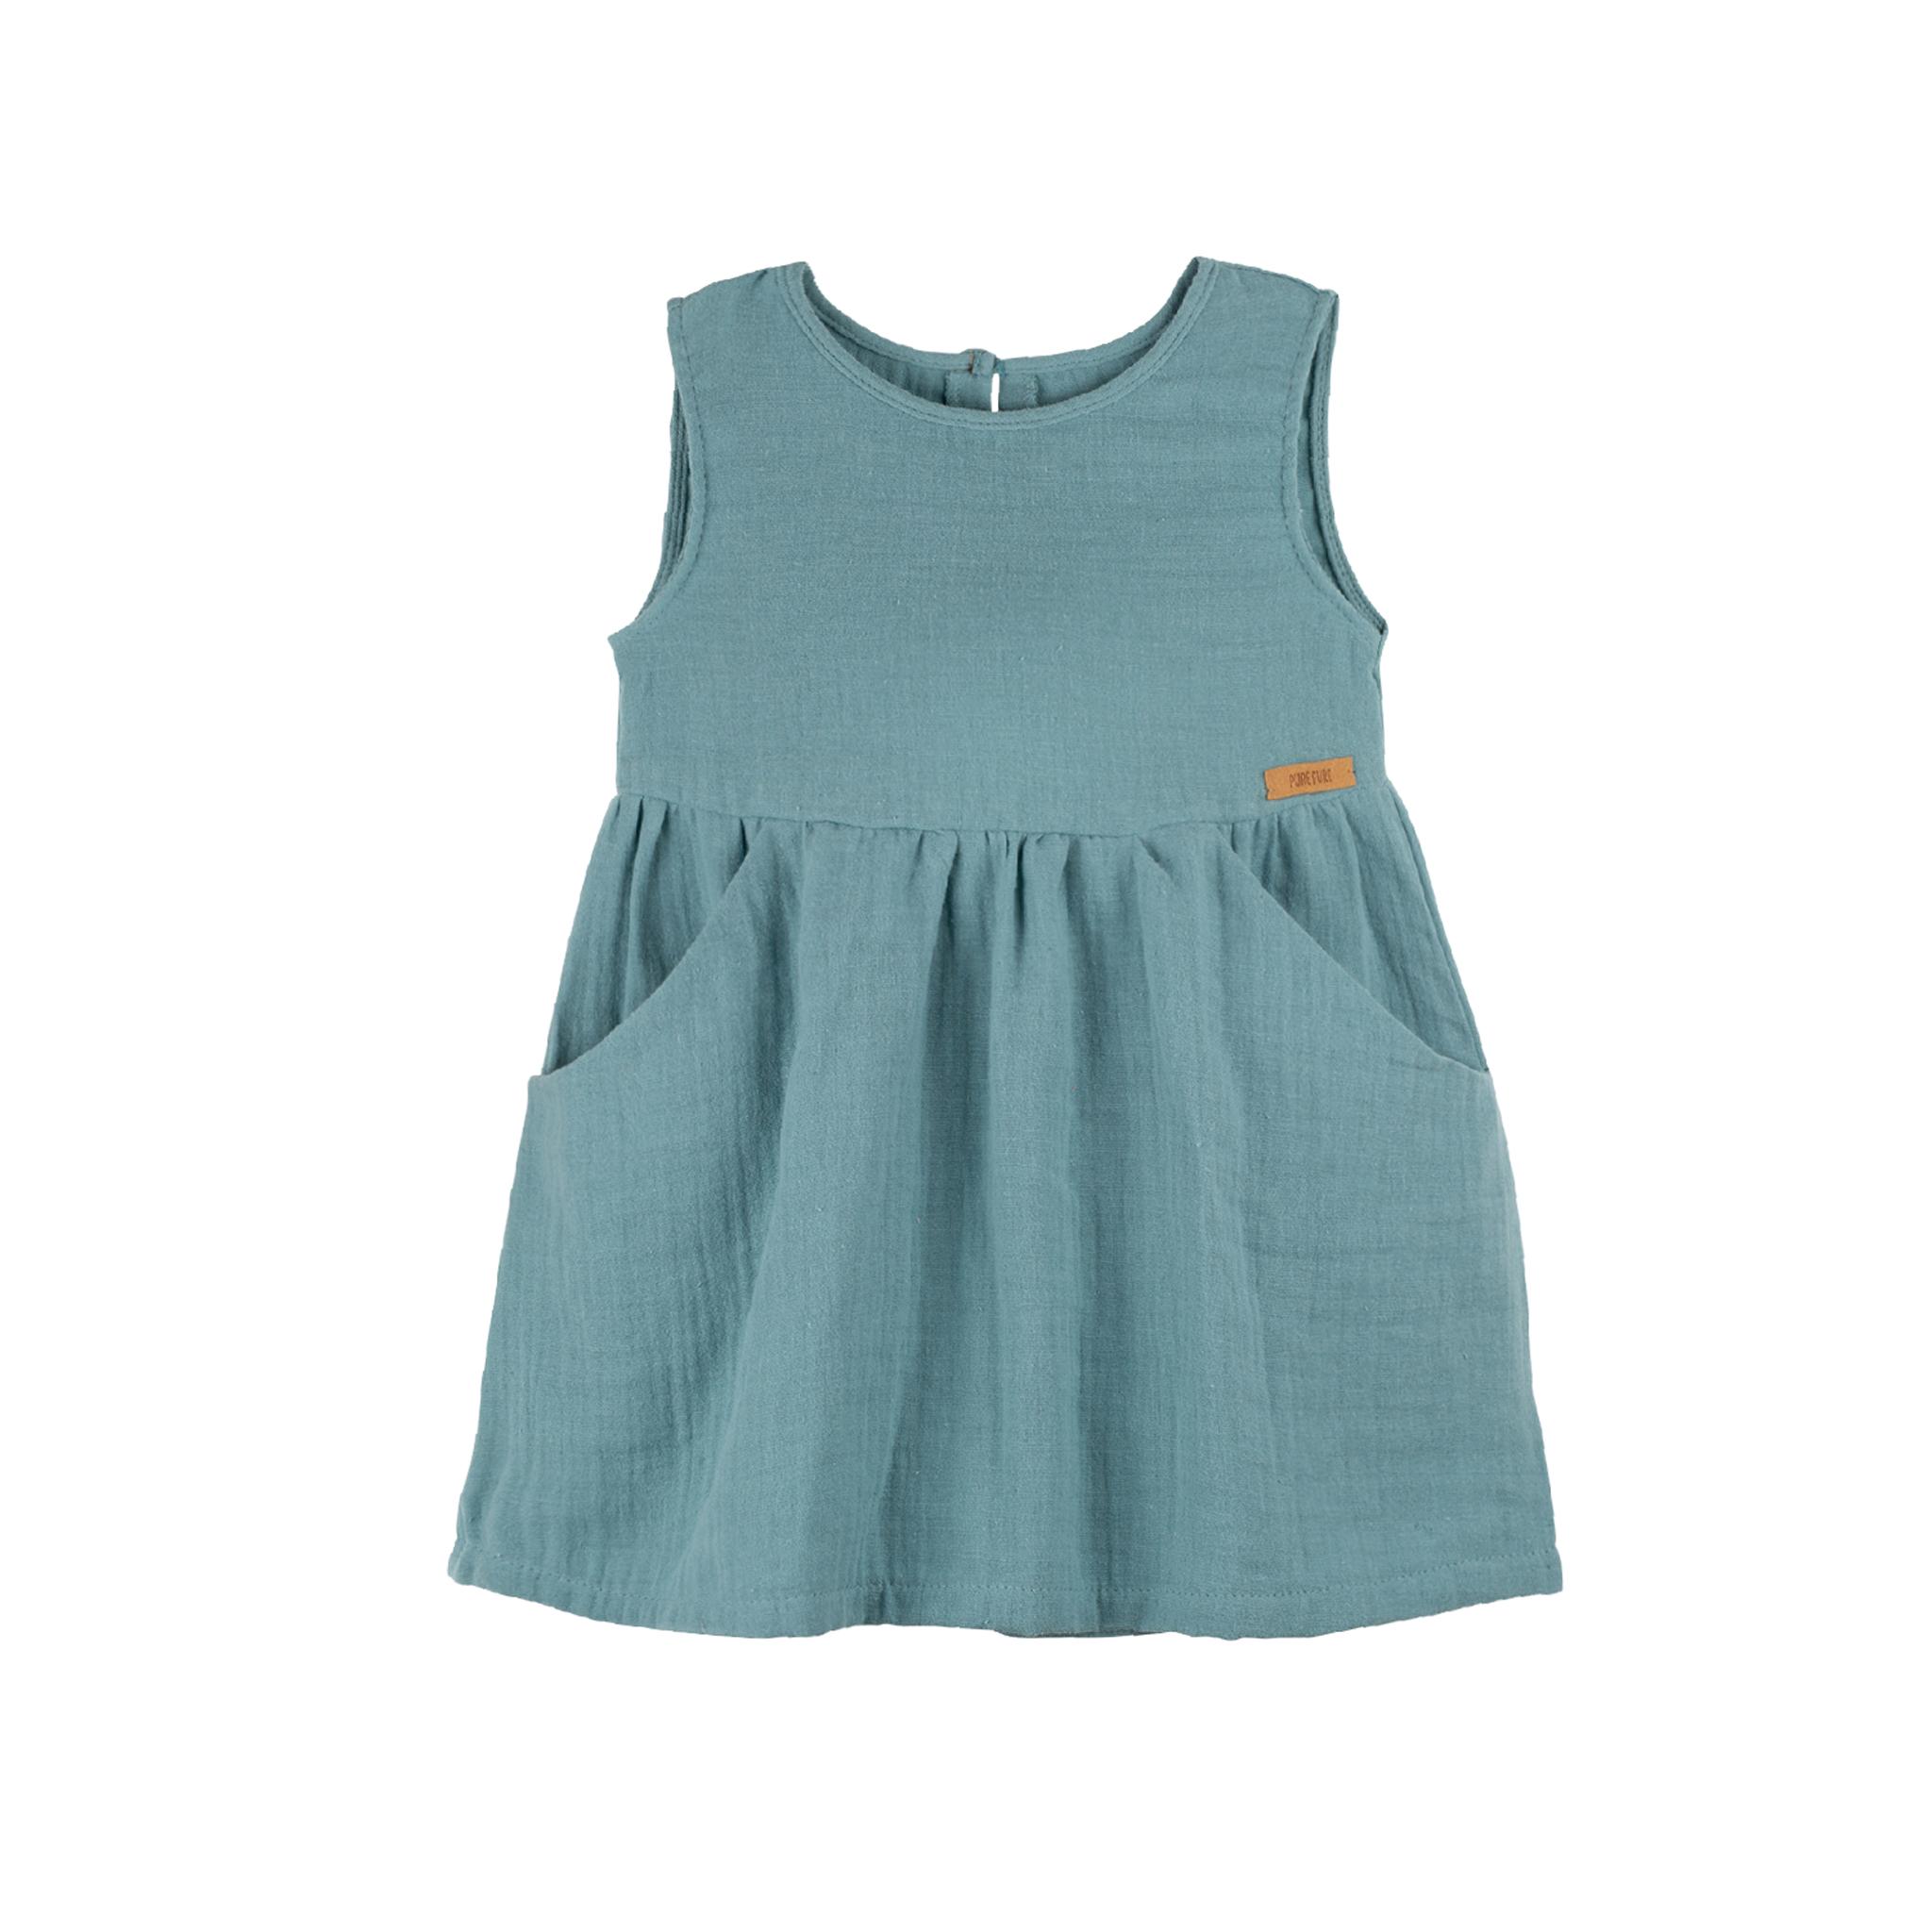 Kleidchen aus feinem Mull / PURE PURE